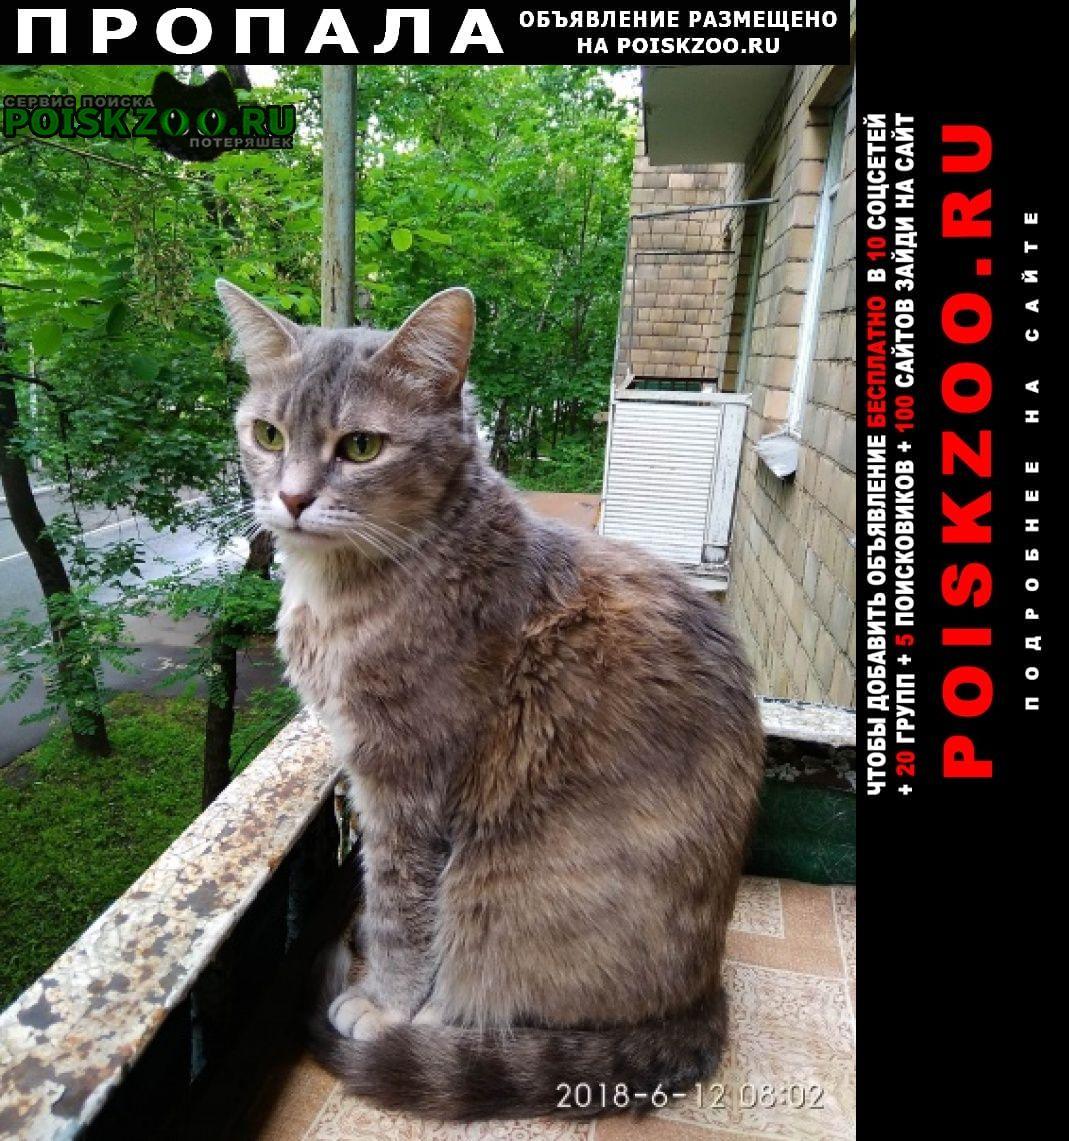 Пропала кошка бася москва Восточный